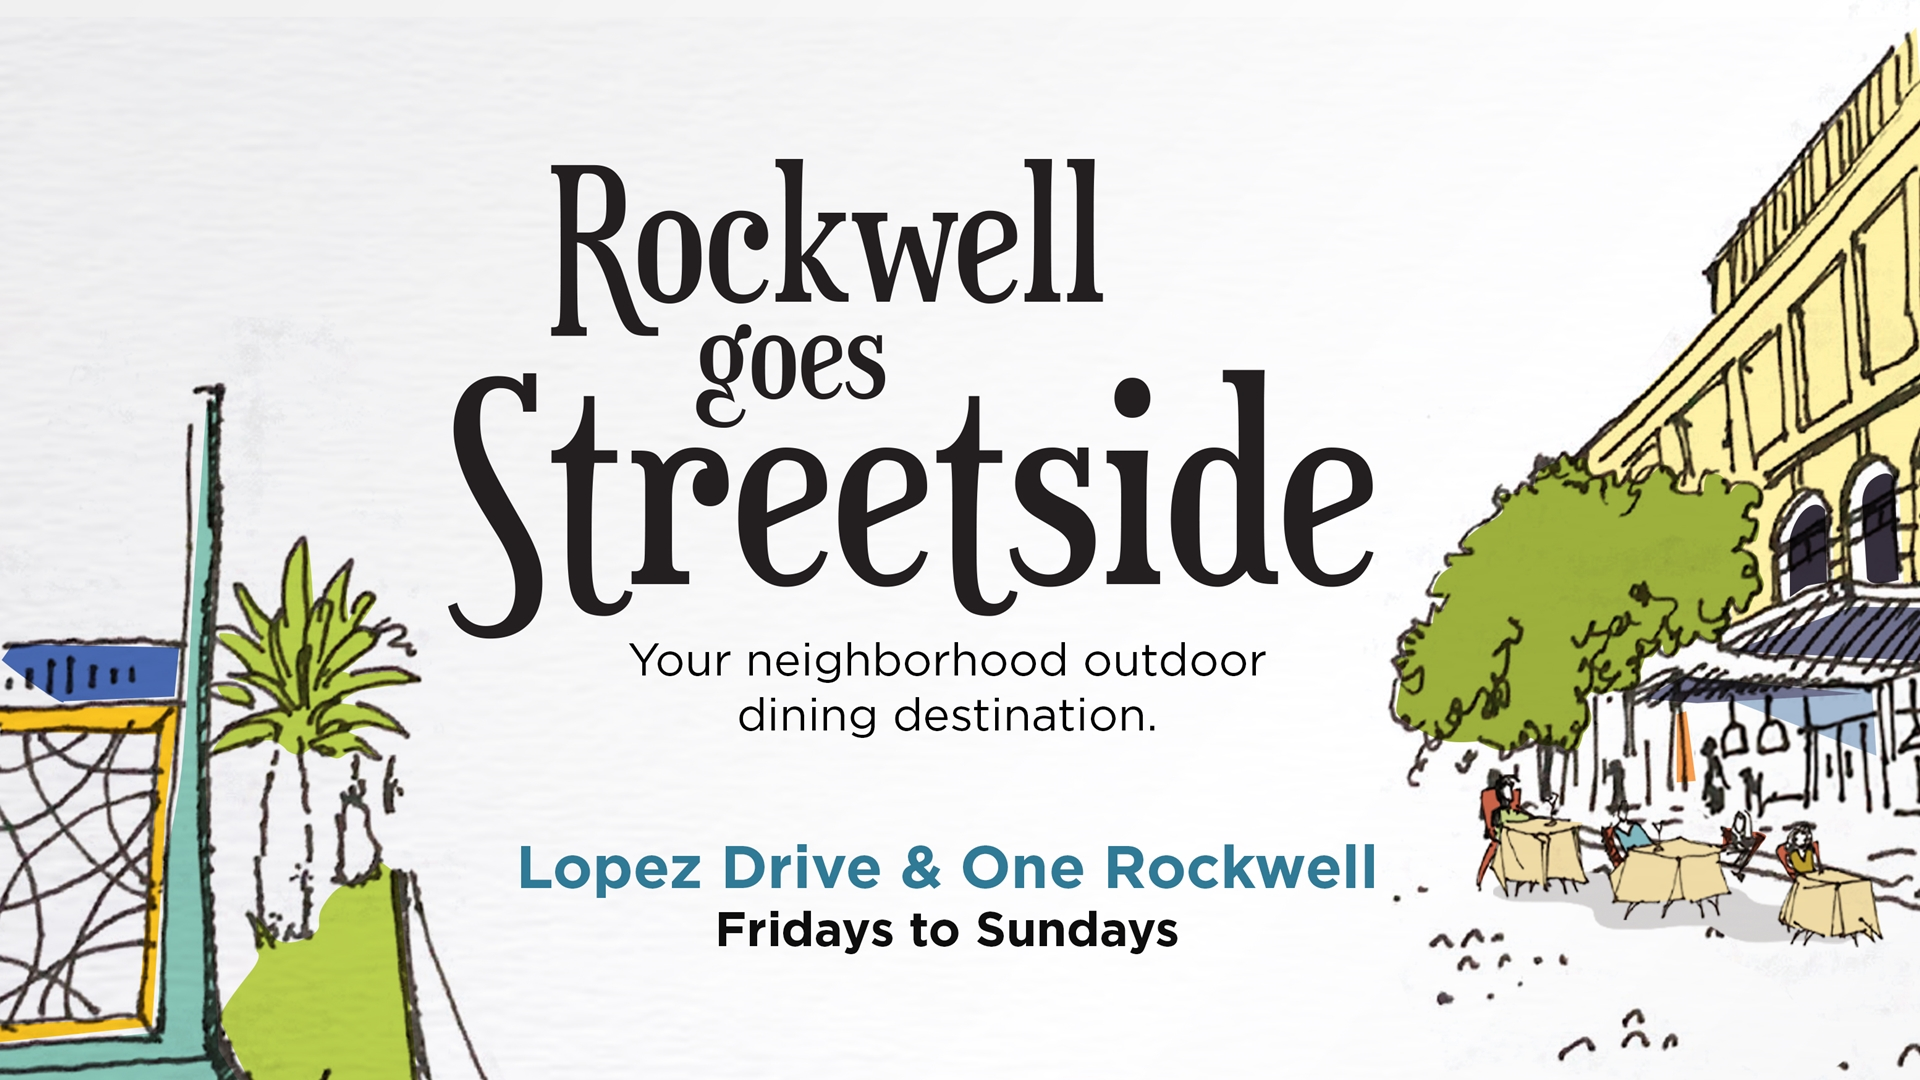 Rockwell Goes Streetside Starting This September 25!